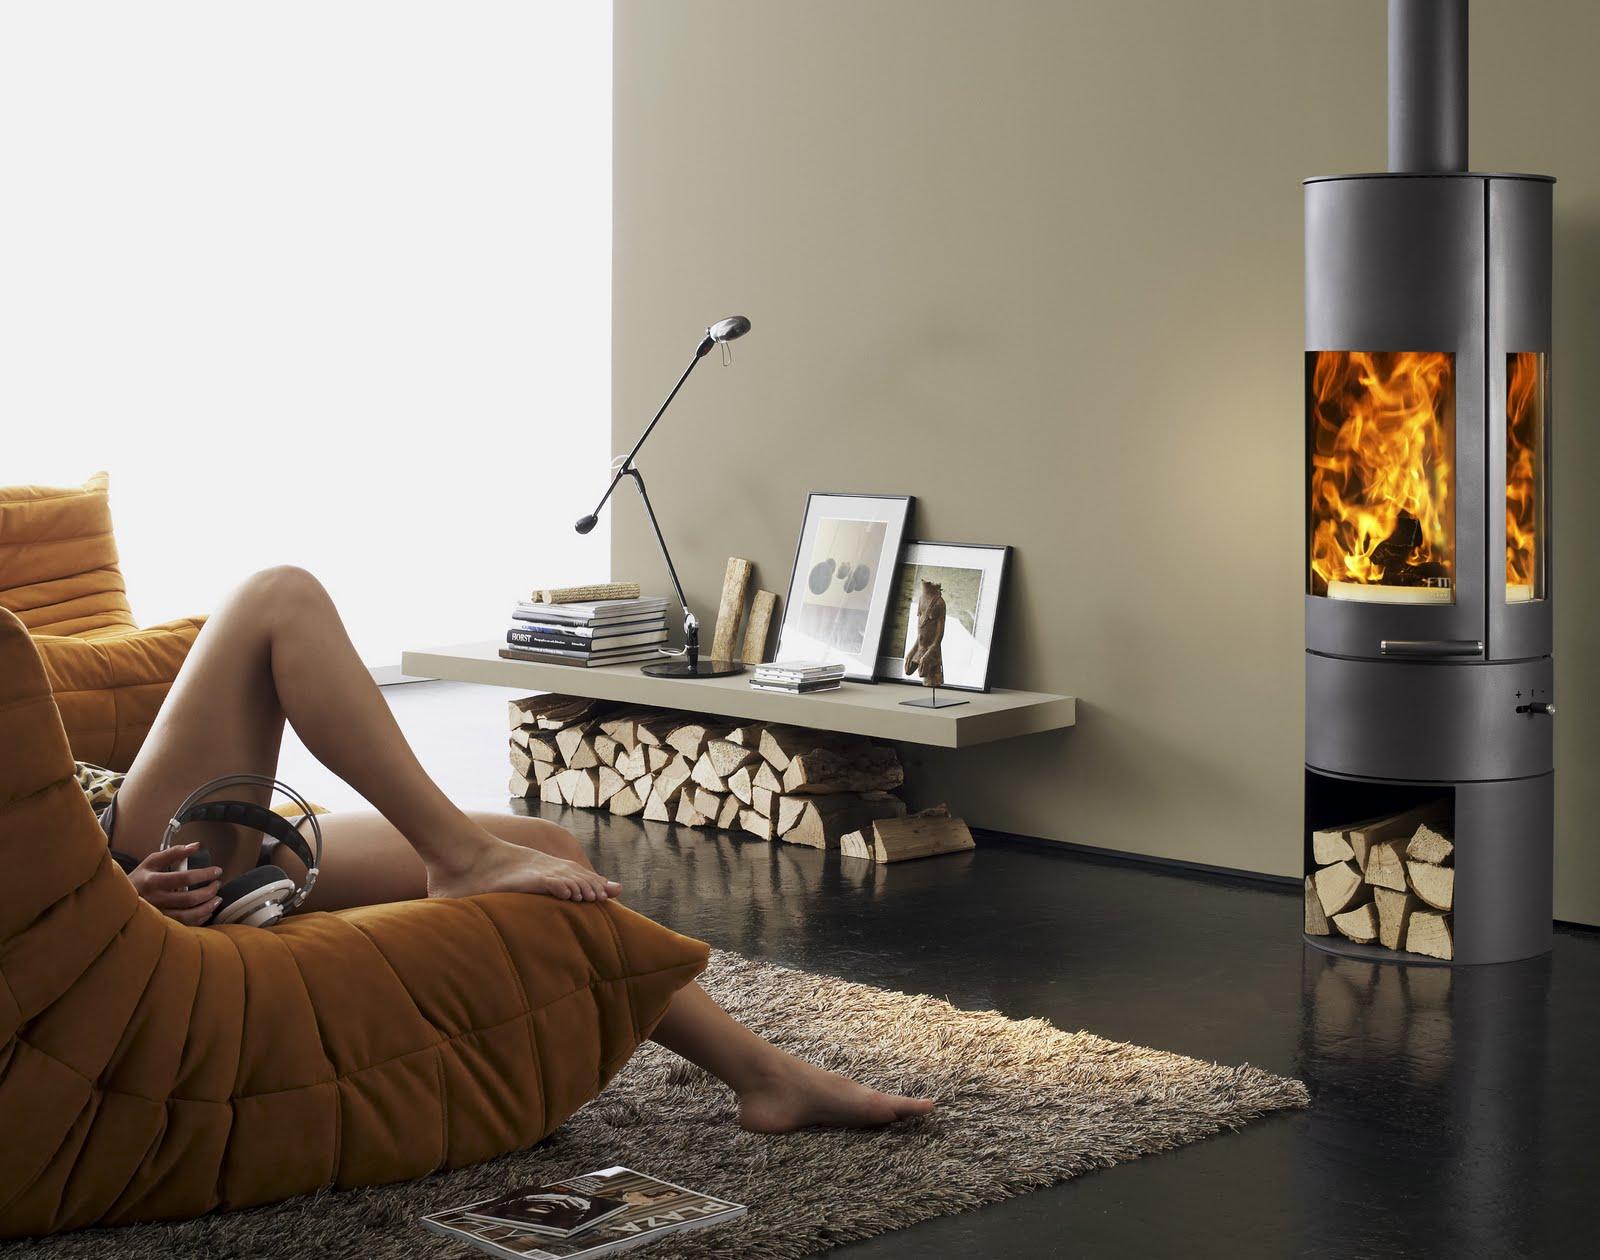 fr ken christine juni 2011. Black Bedroom Furniture Sets. Home Design Ideas